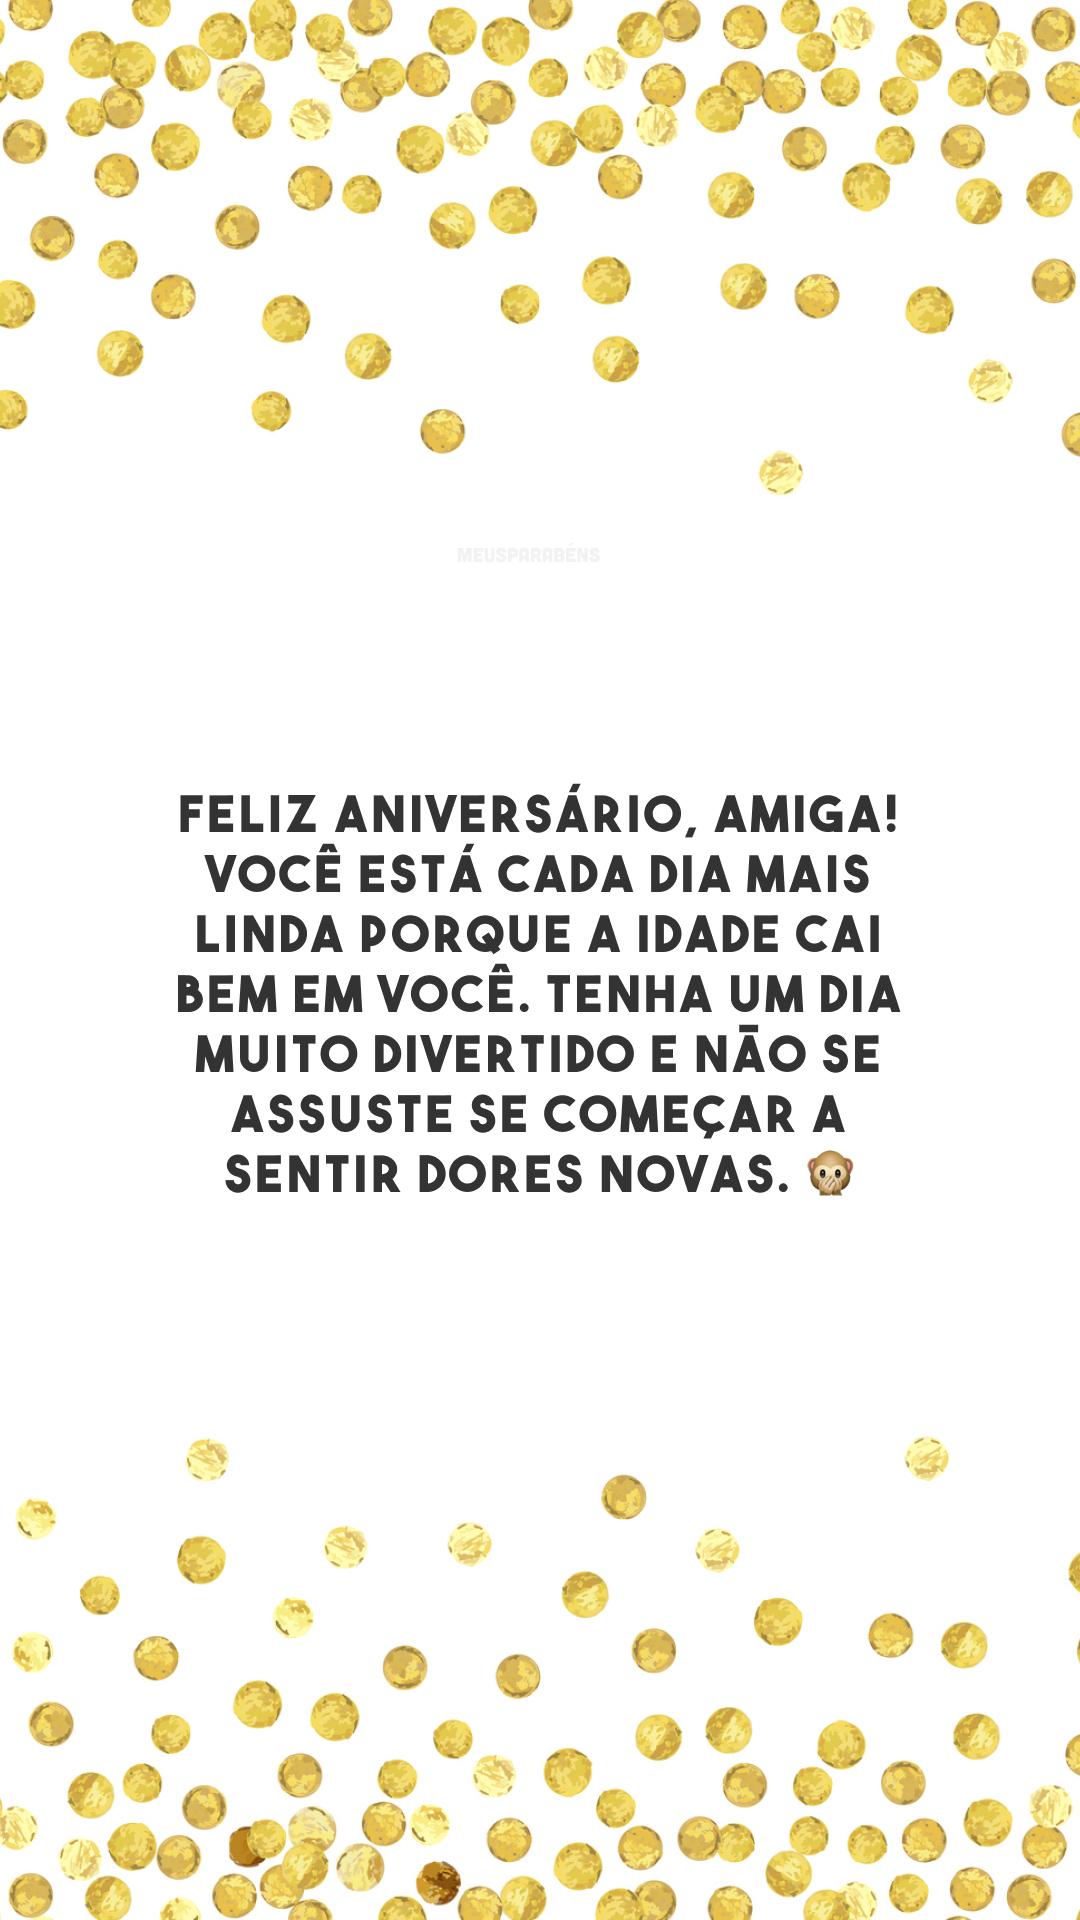 Feliz aniversário, amiga! Você está cada dia mais linda porque a idade cai bem em você. Tenha um dia muito divertido e não se assuste se começar a sentir dores novas. 🙊